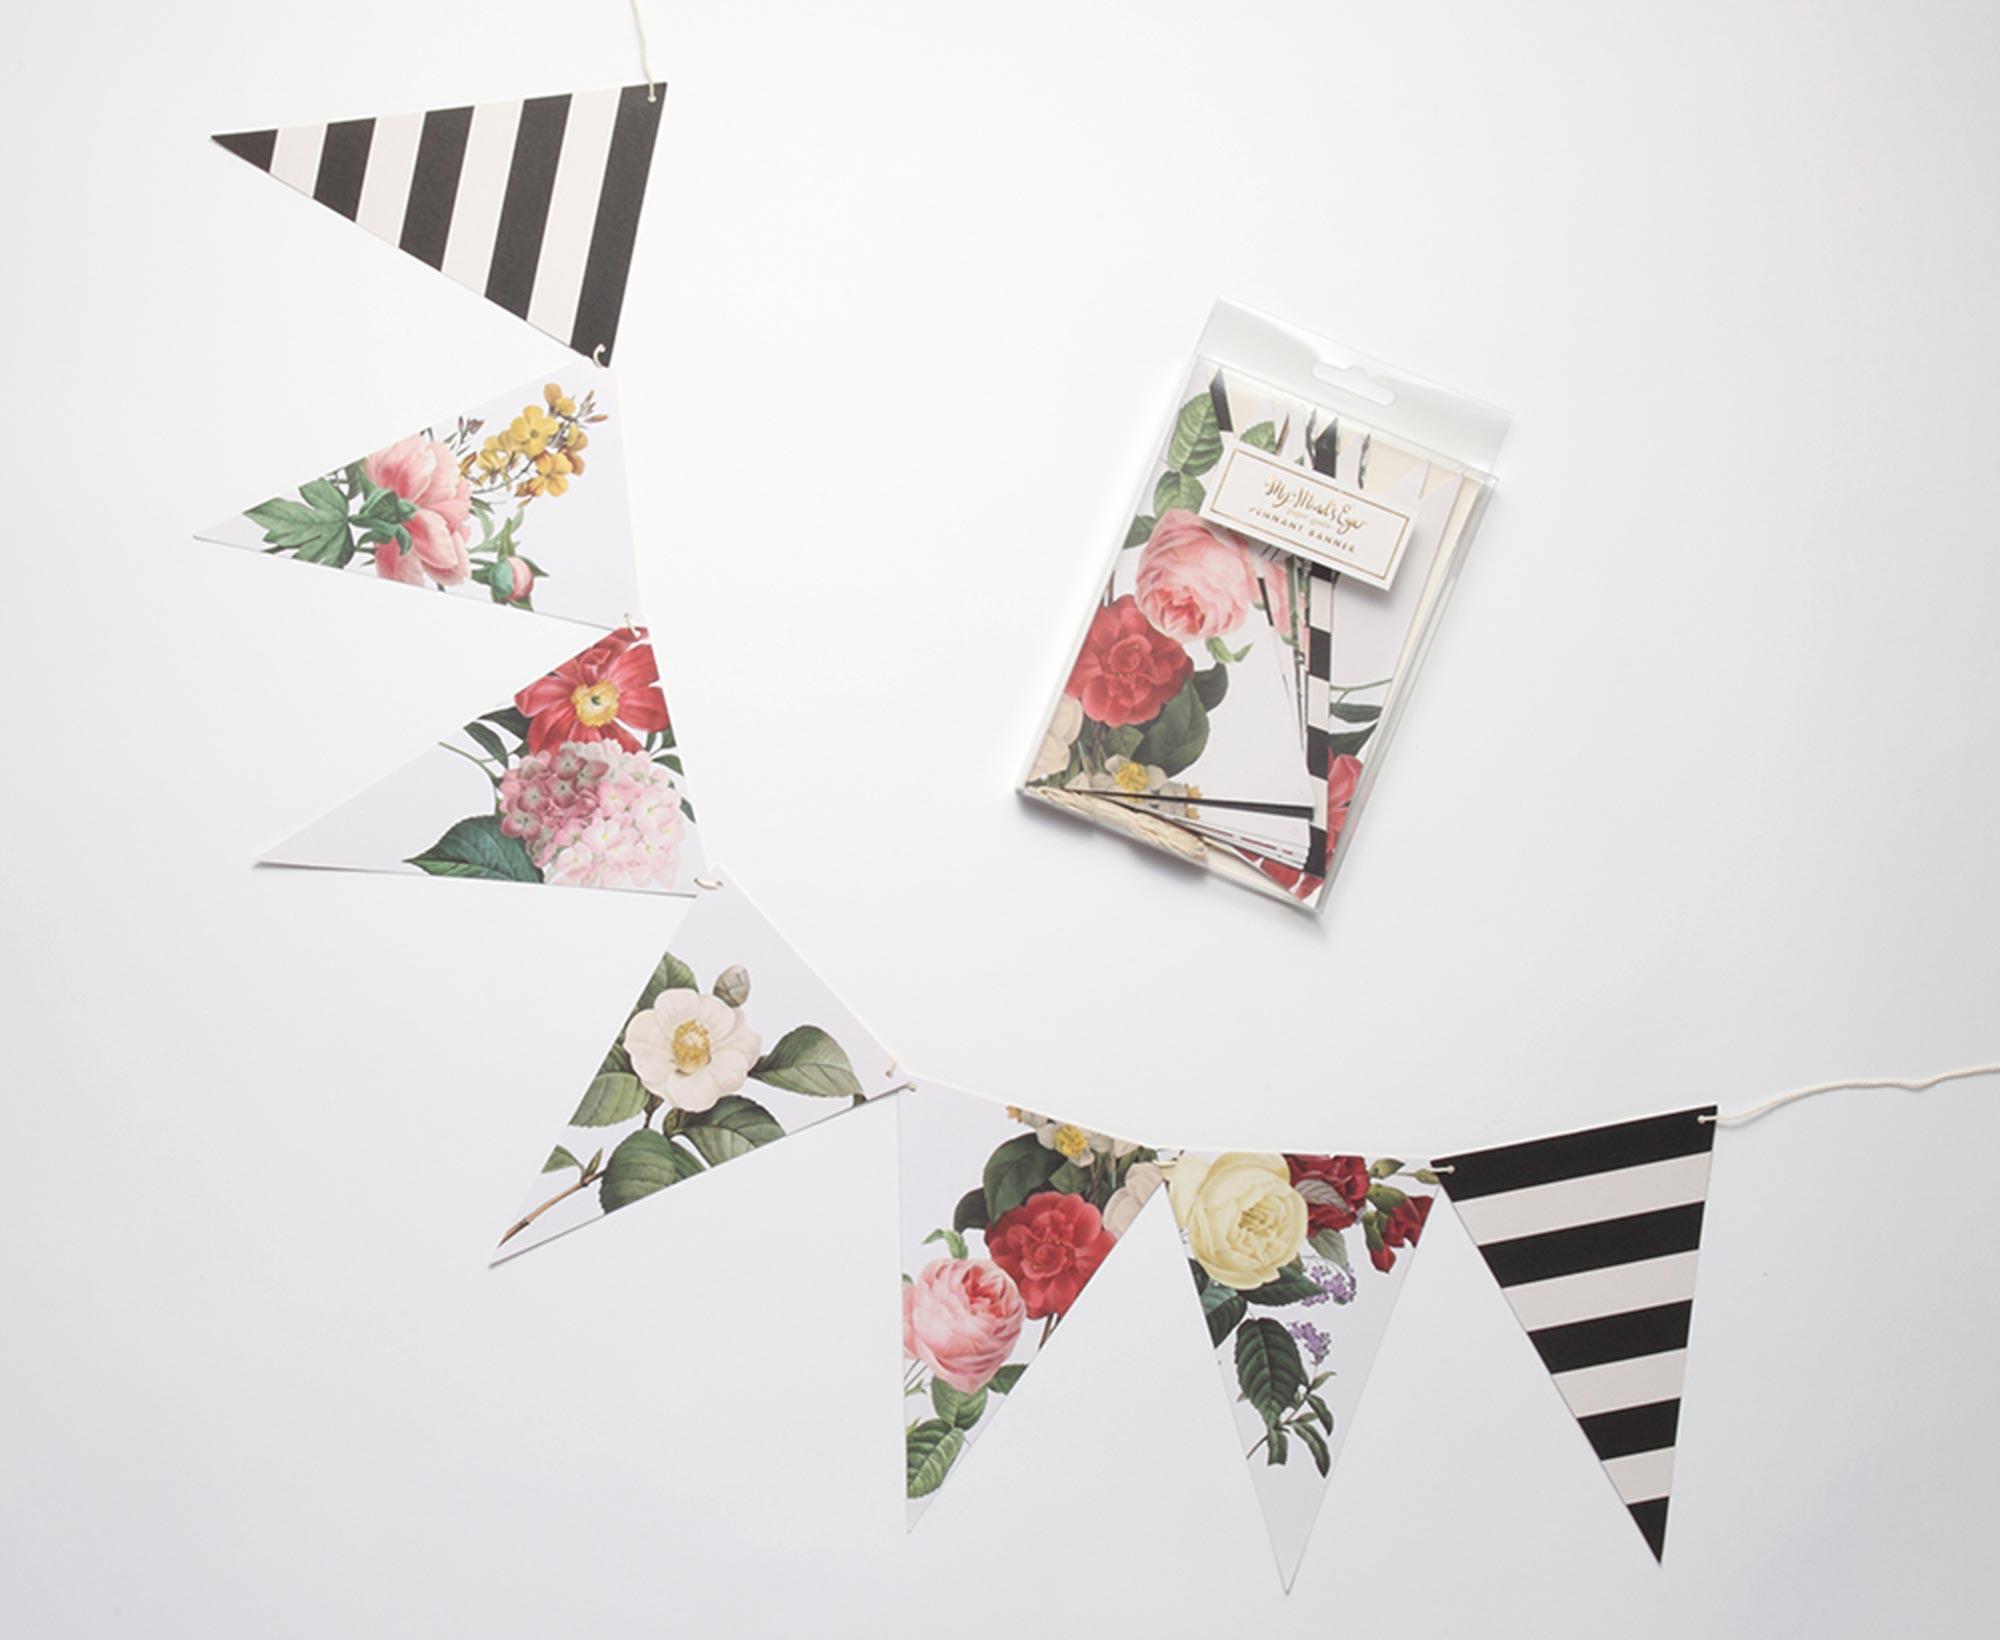 ガーランド/Botanical/Pennant [マイマインズアイ]  1